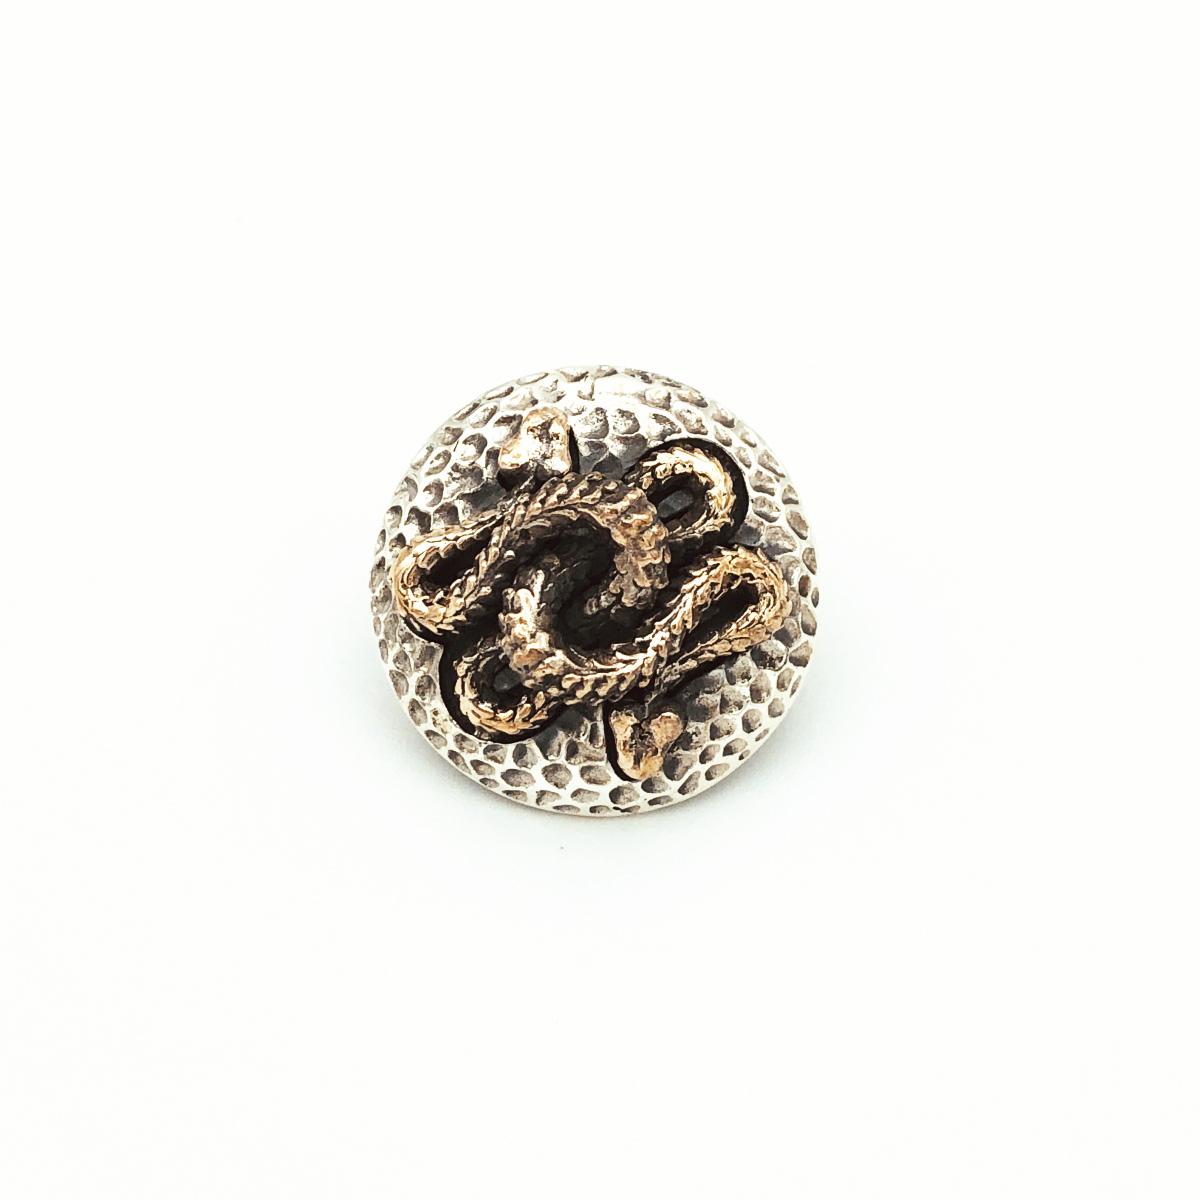 シルバー925 コンチョ 蛇 ヘビ 銀 Silver 925 直径 約27.5mm レザークラフト 財布 ケース カスタムパーツ バッグ DIY パーツ 手芸 革財布